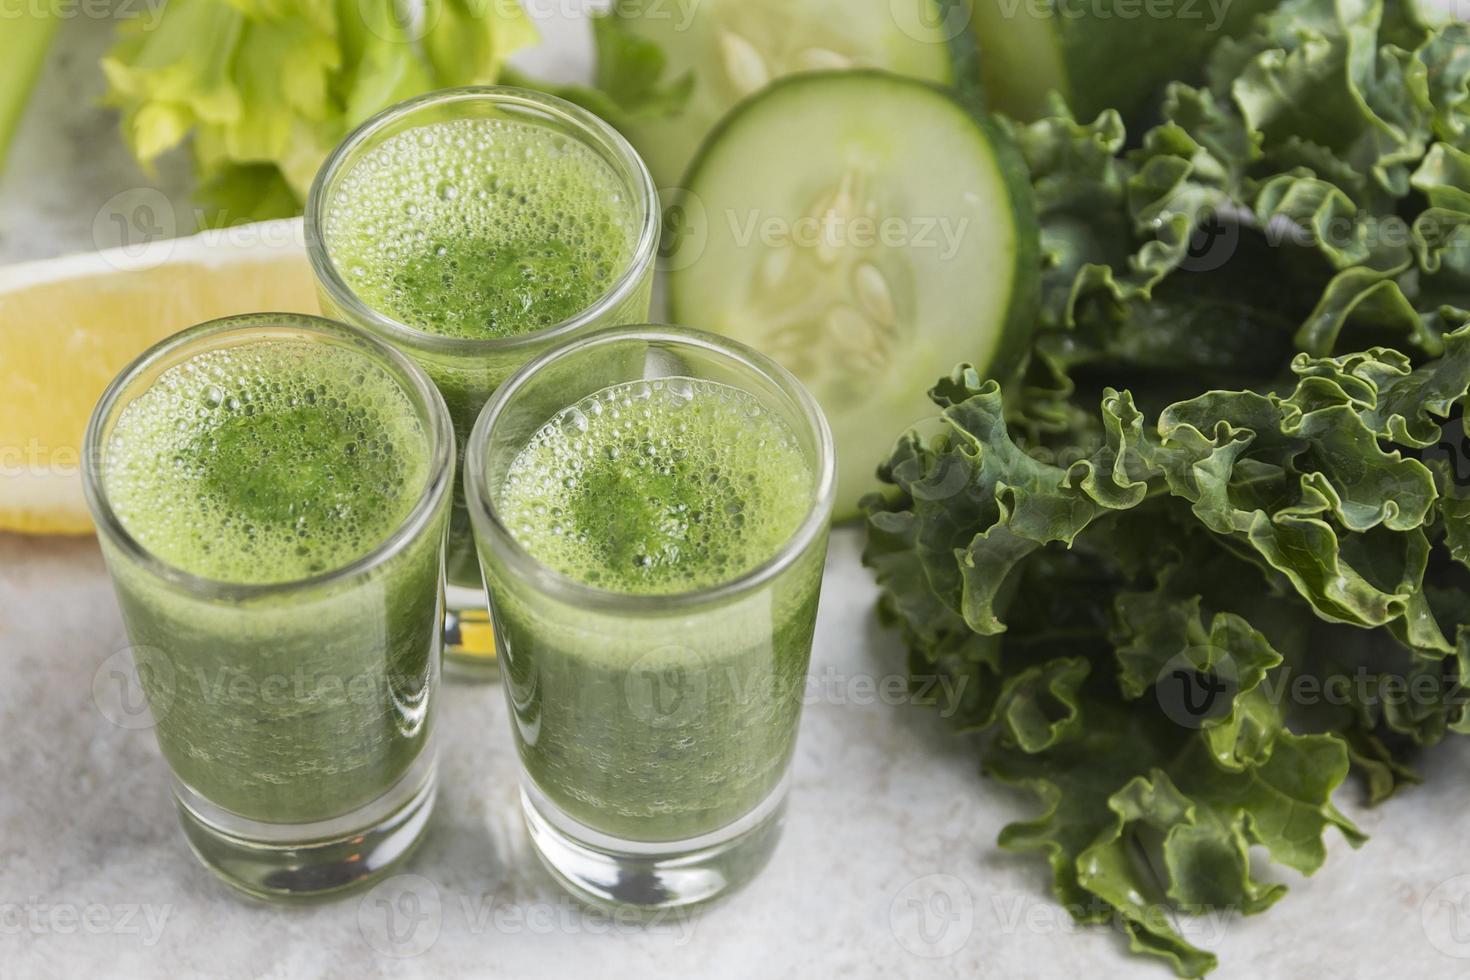 Kale Juice Shots photo